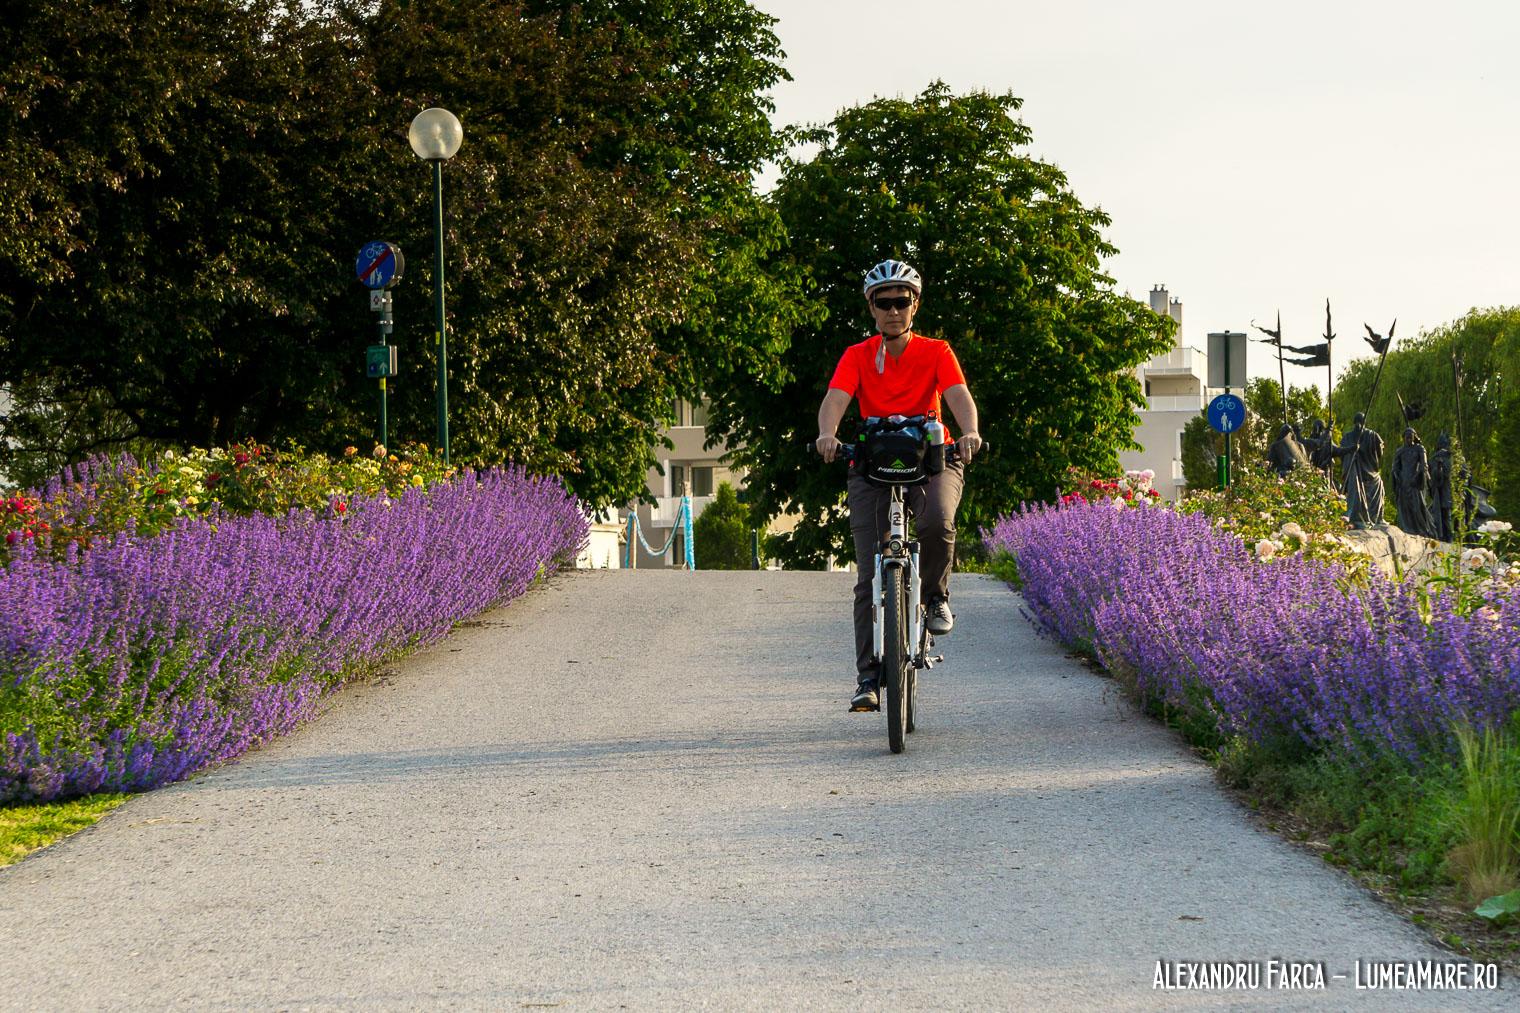 Cu bicicleta prin Tulln